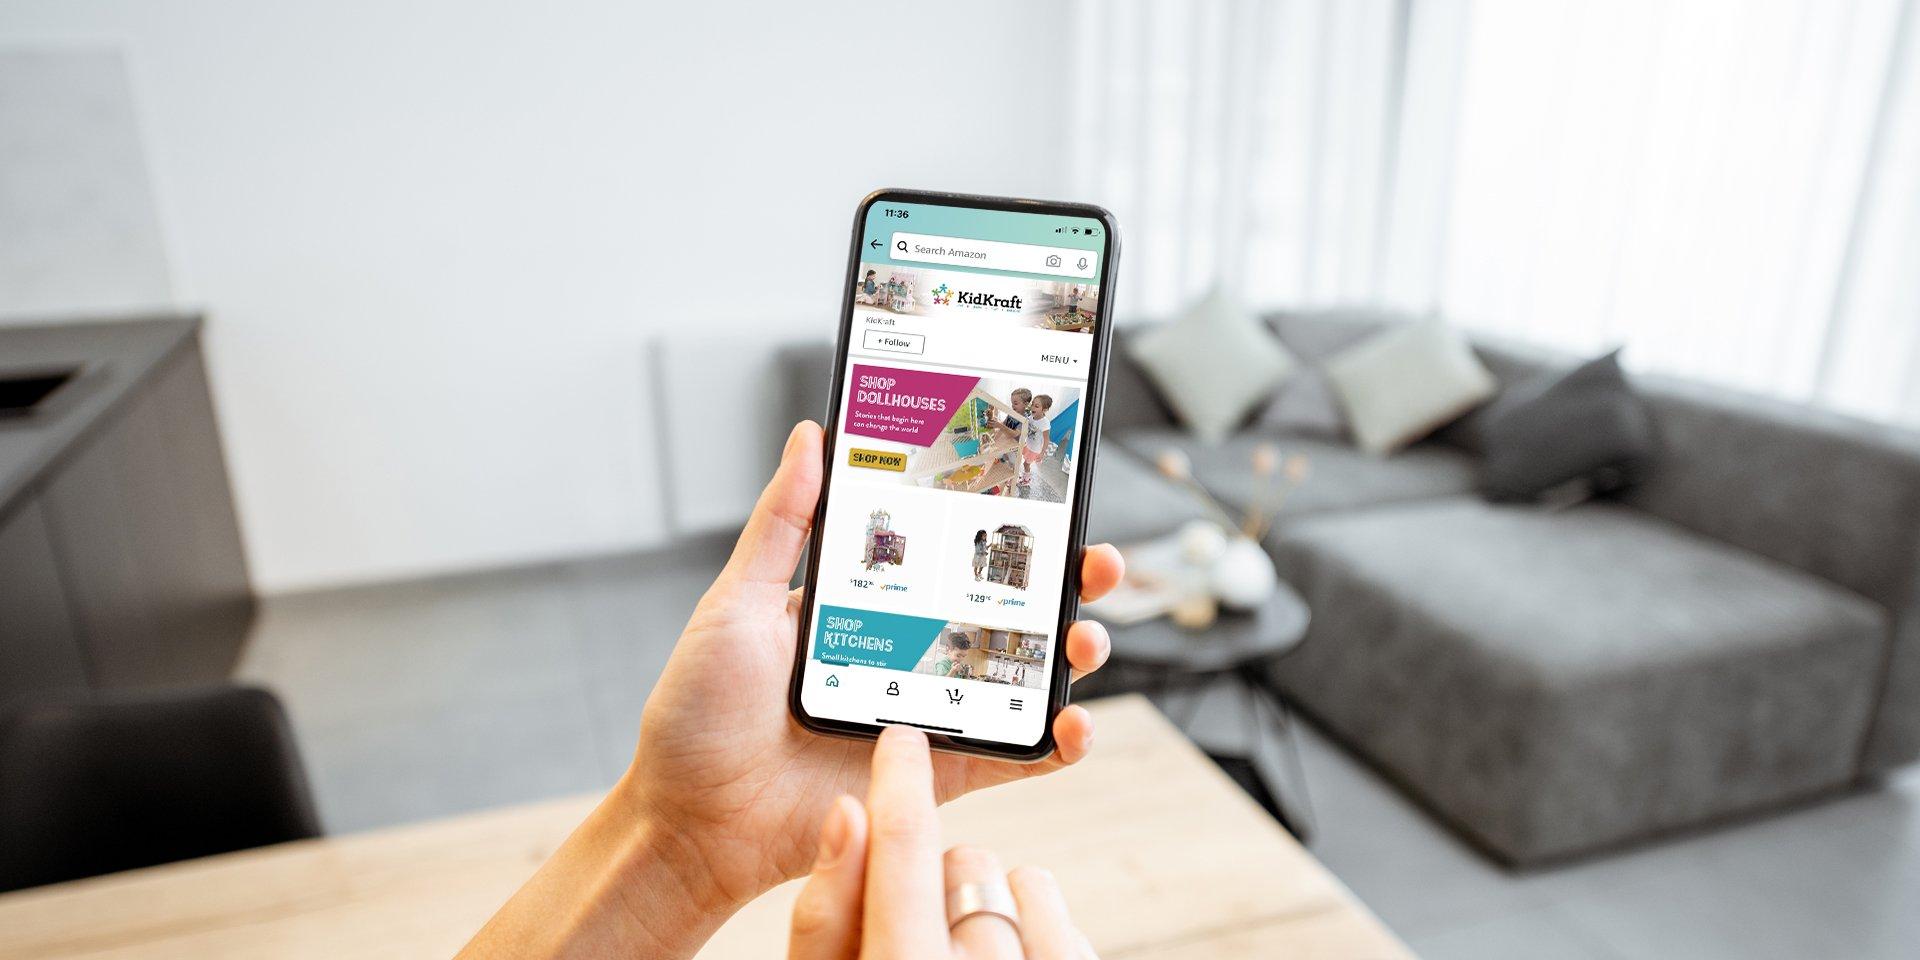 amazon shopping on phone